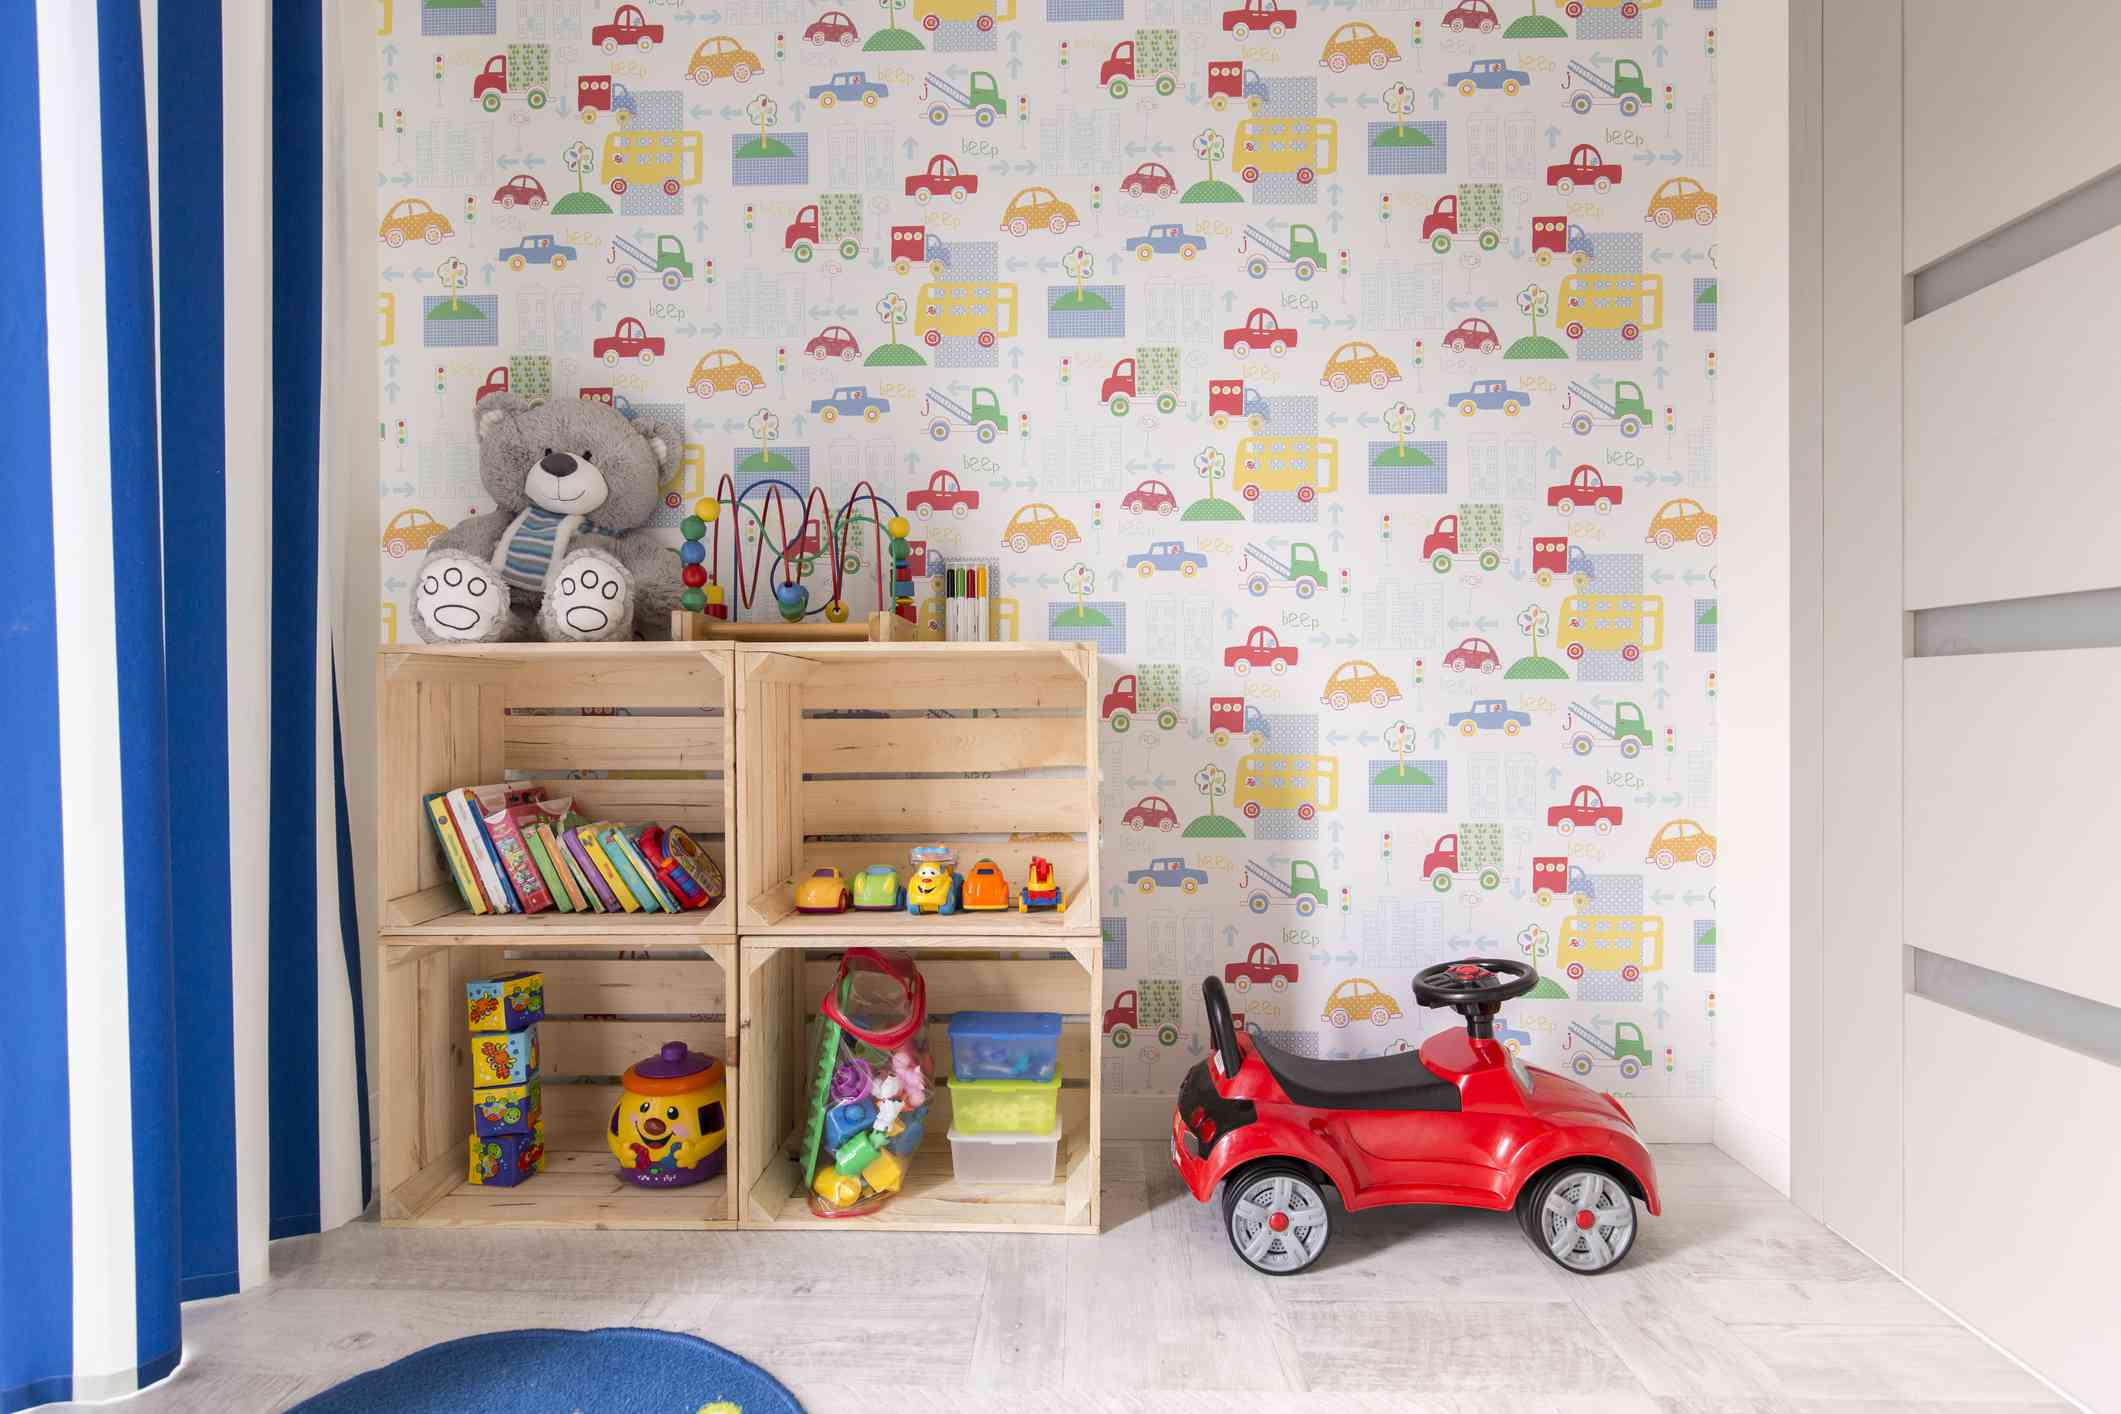 Habitación diseñada para niños pequeños